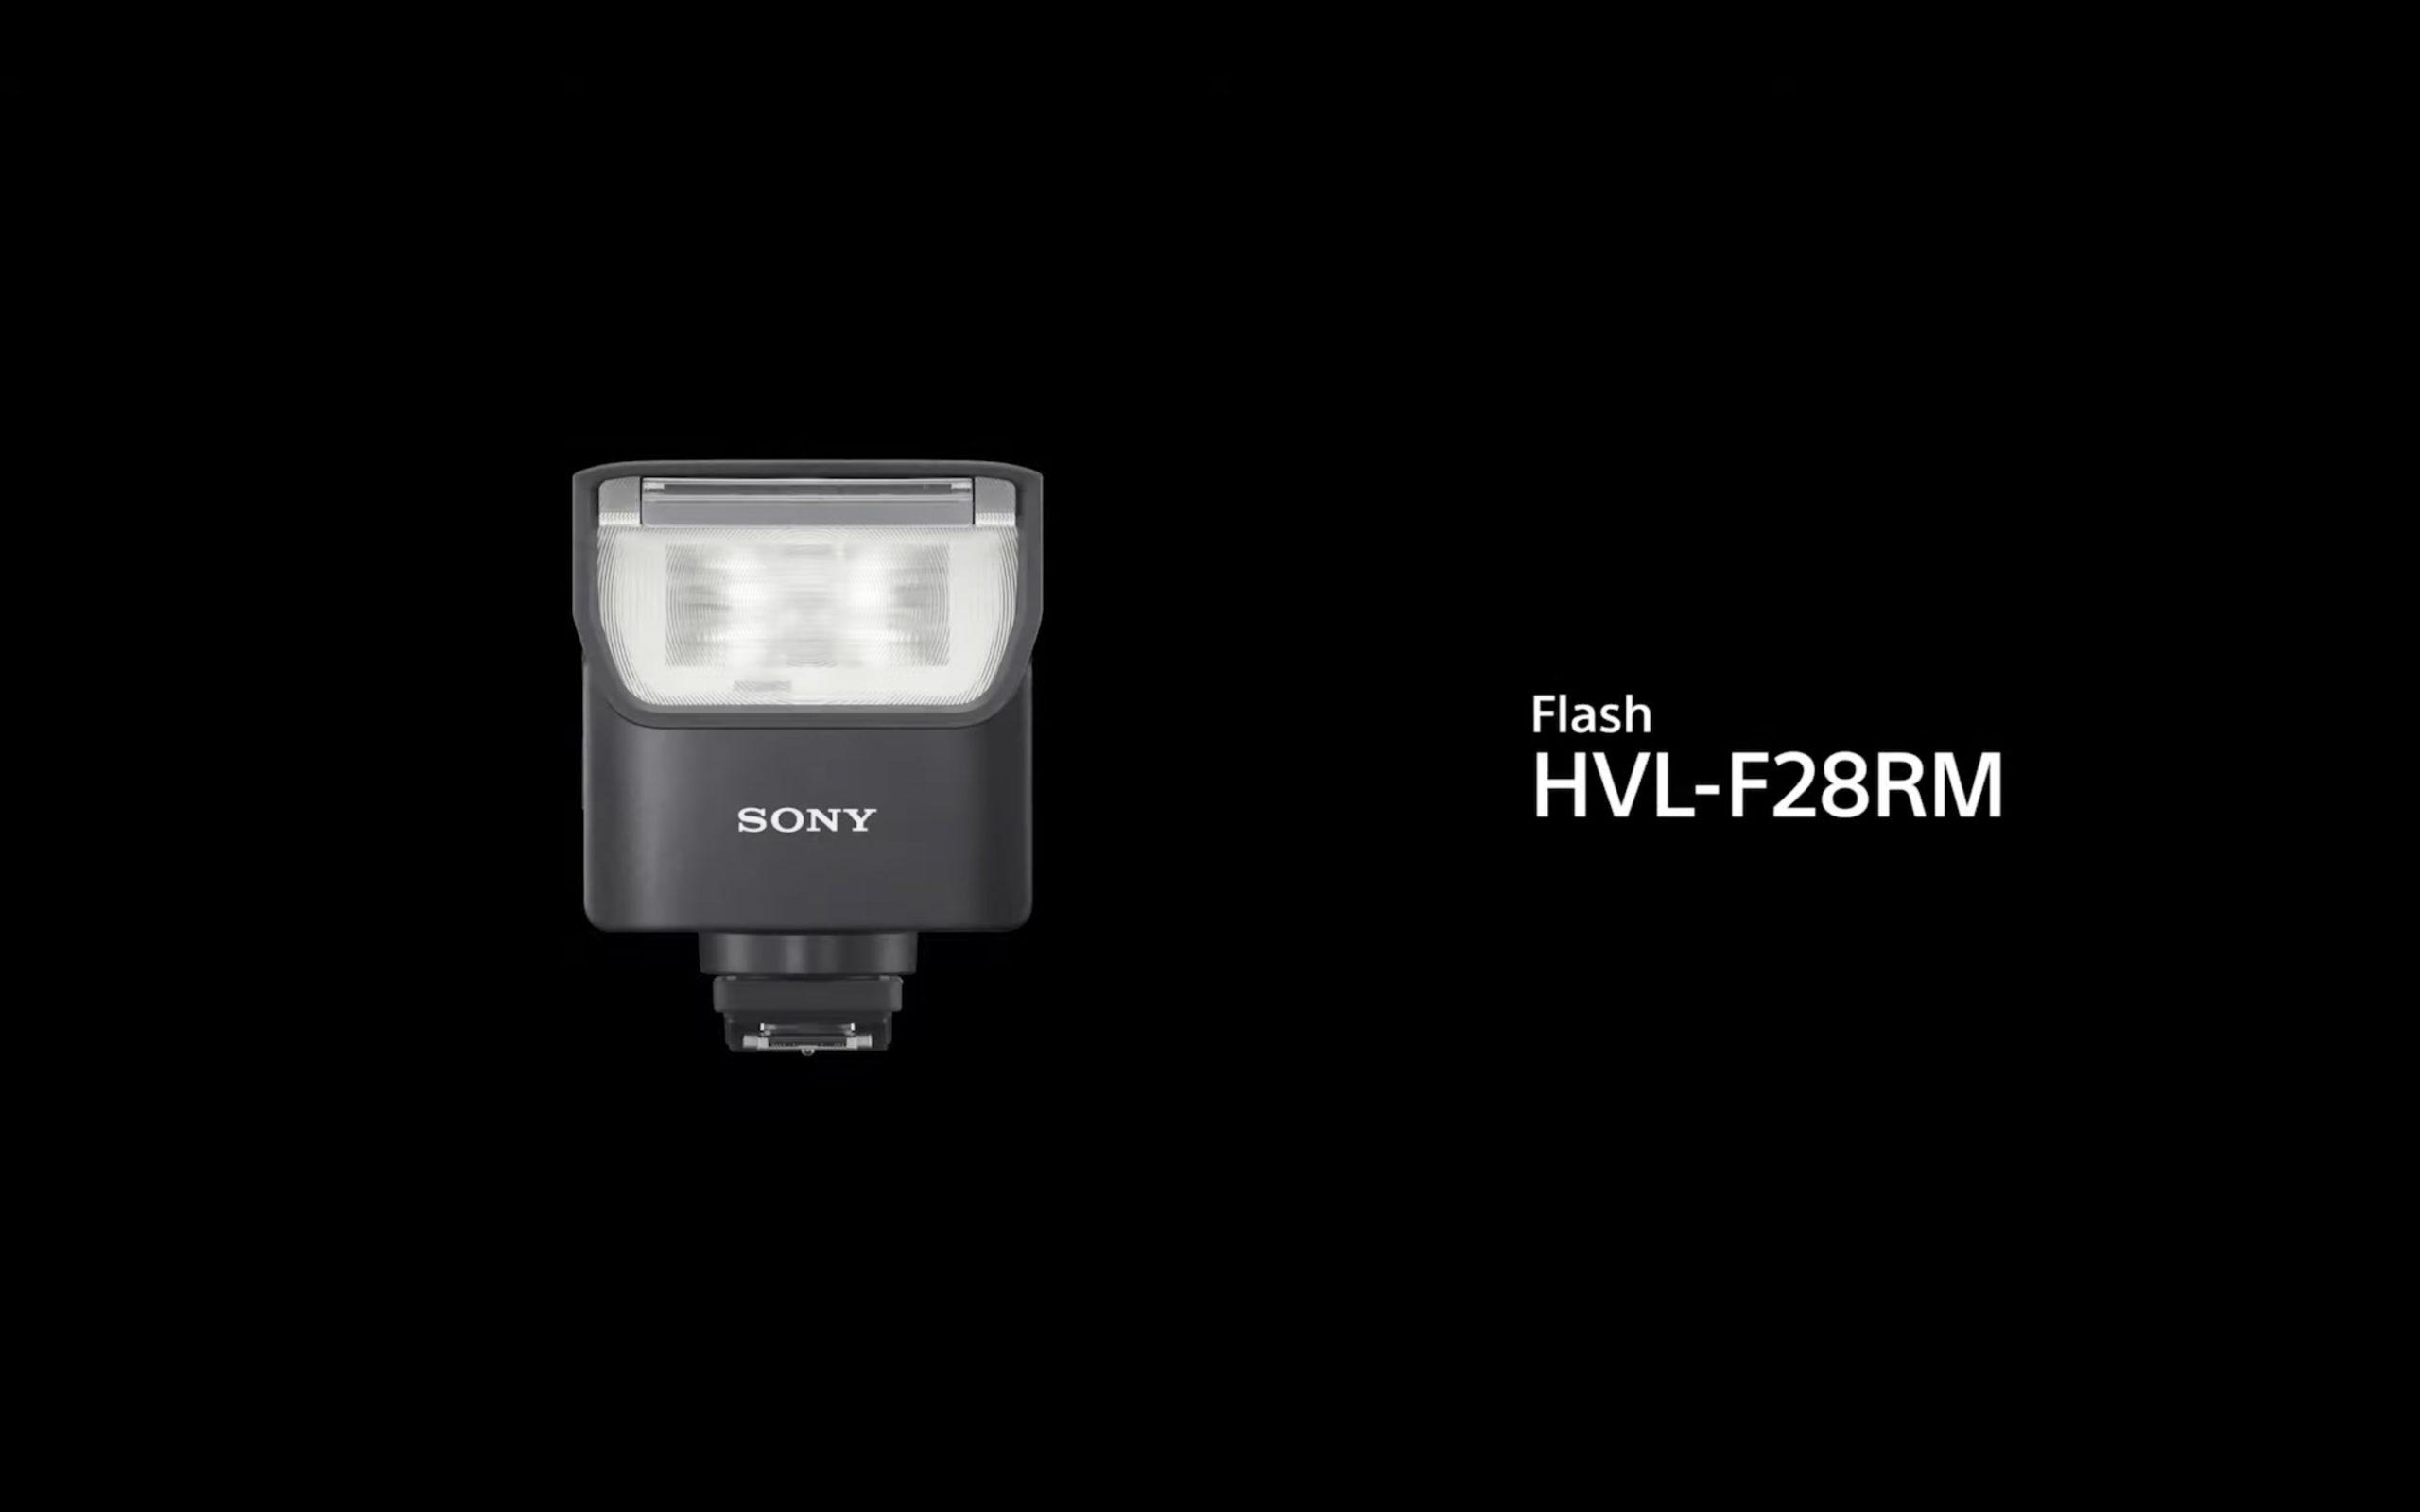 「HVL-F28RM」